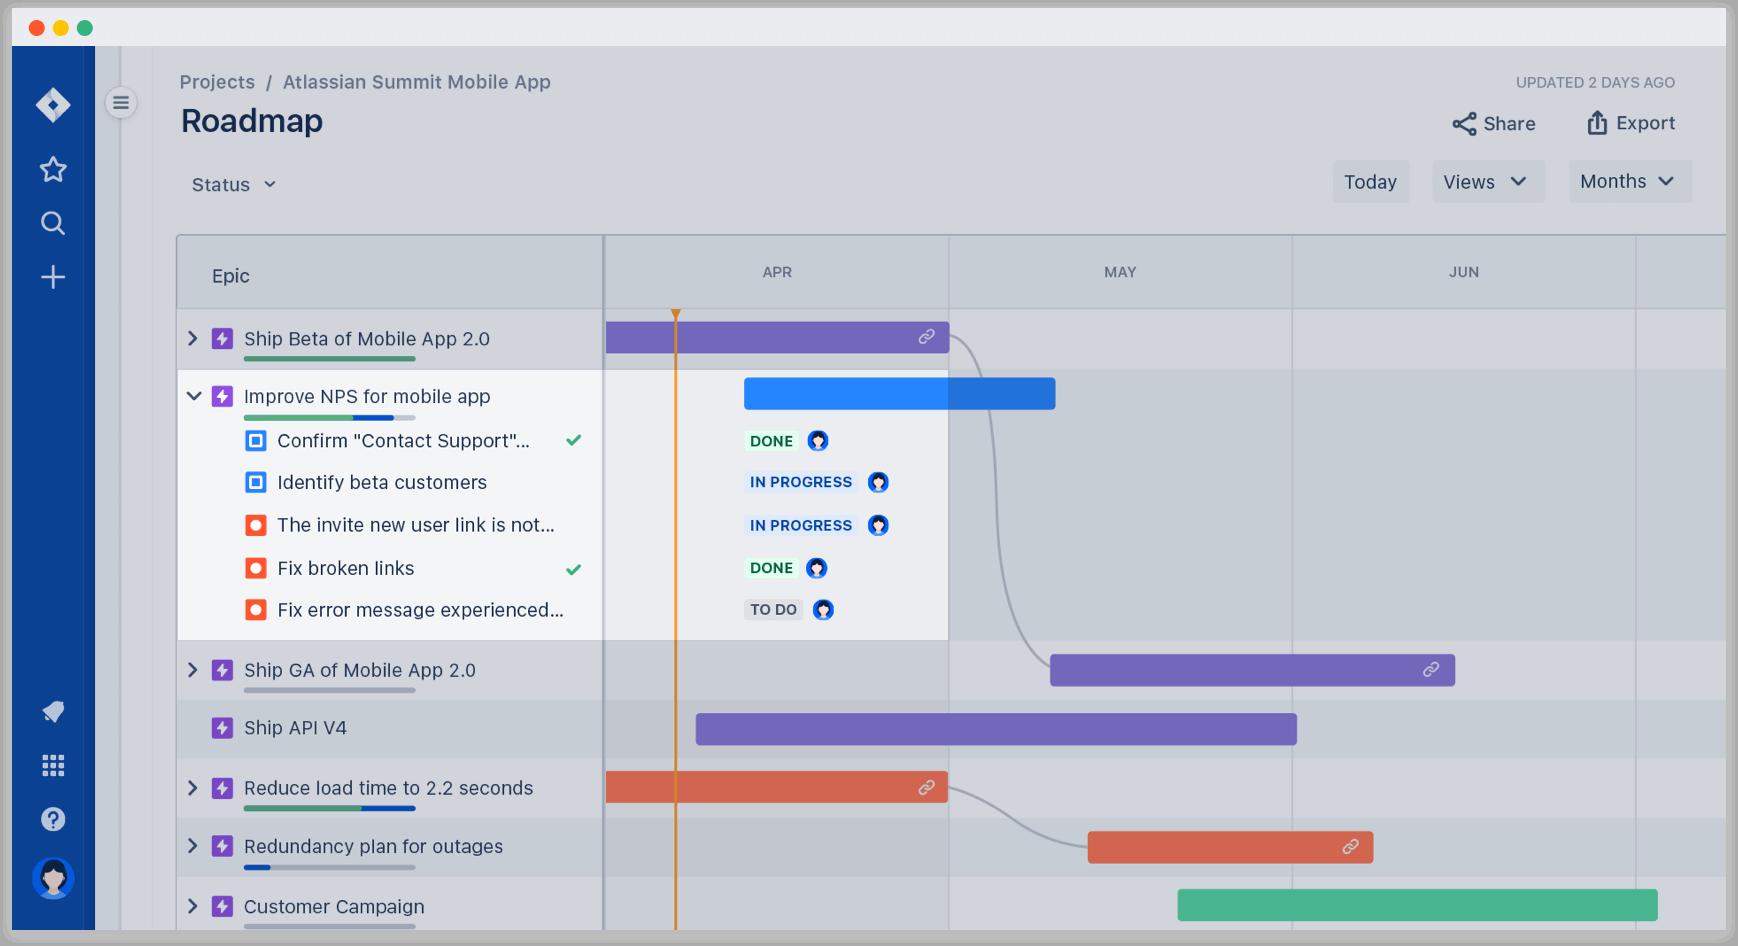 路线图屏幕截图